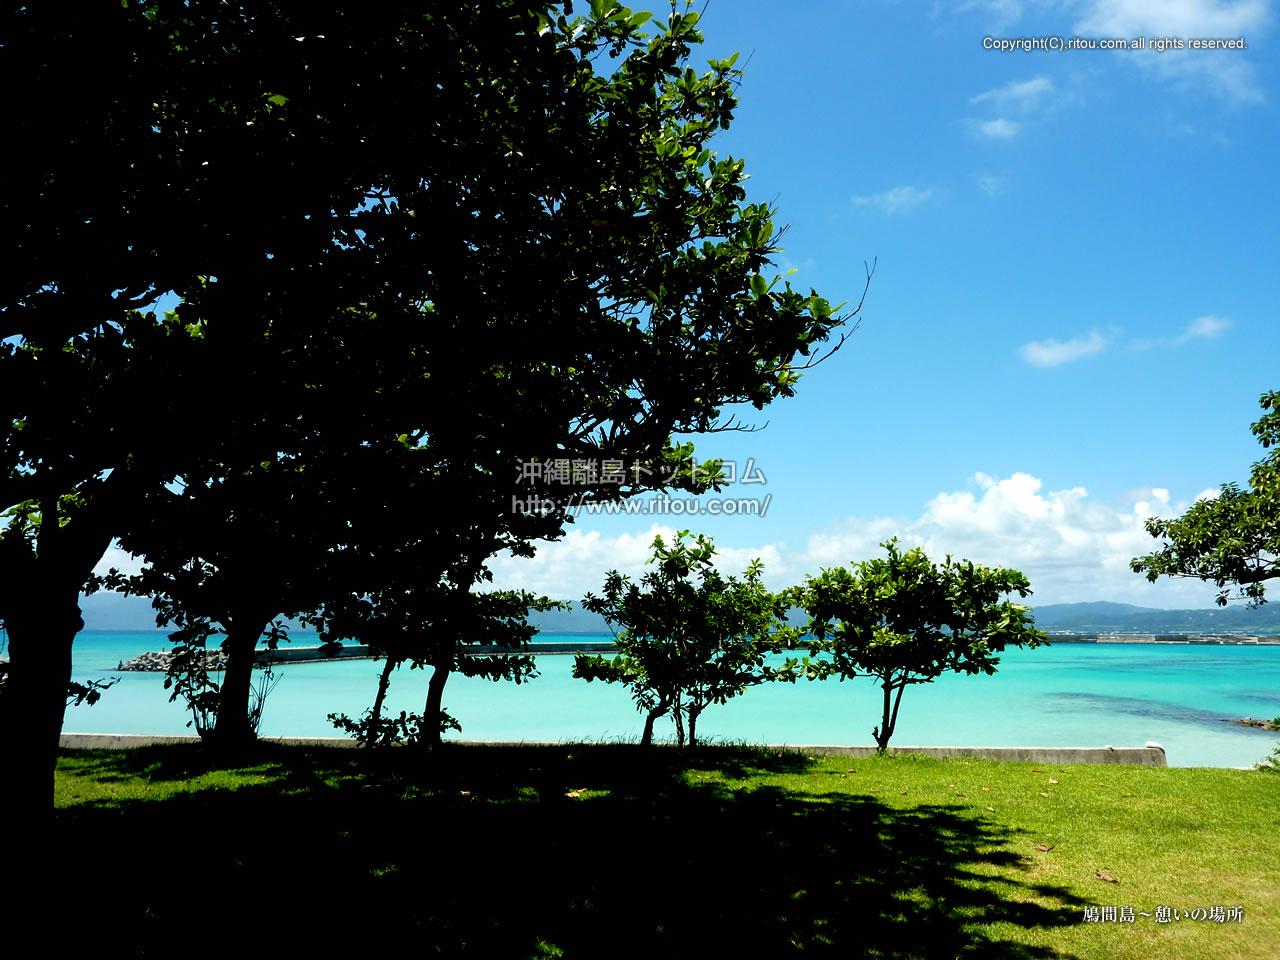 鳩間島〜憩いの場所